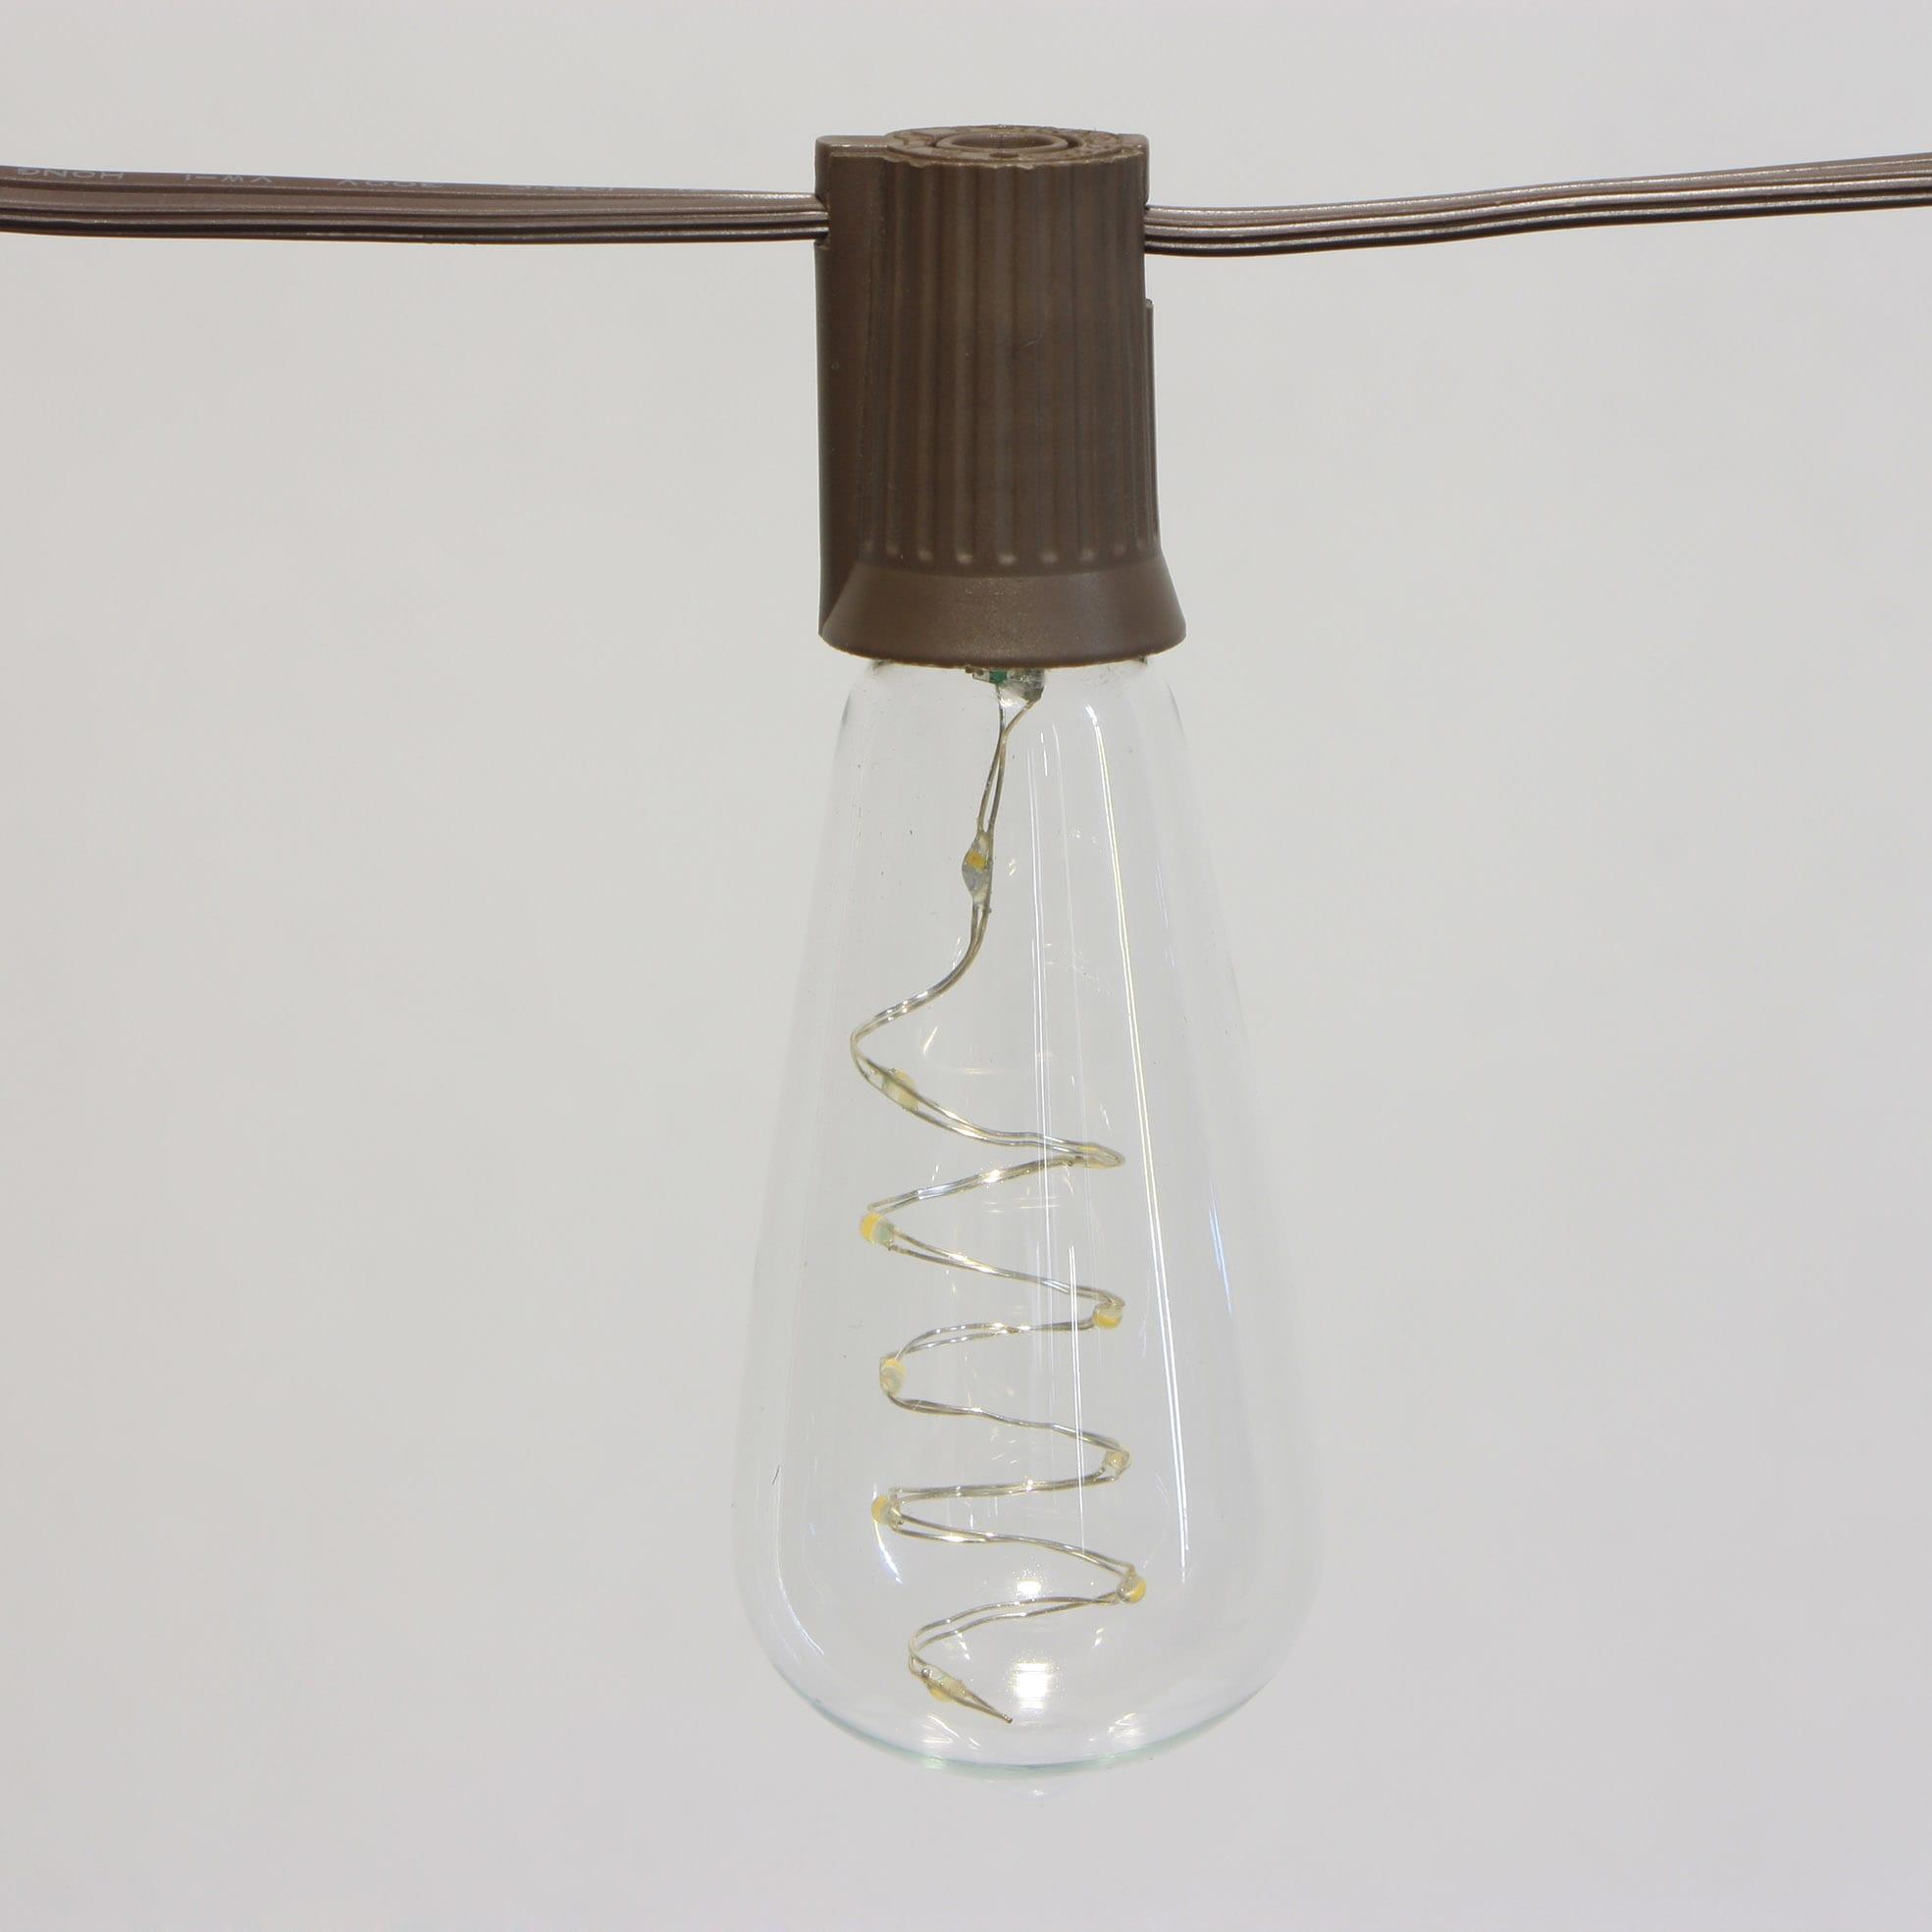 Gl Steel Cafe String Lights - Incandescent String Light  MYHH90033-SO – Zhongxin